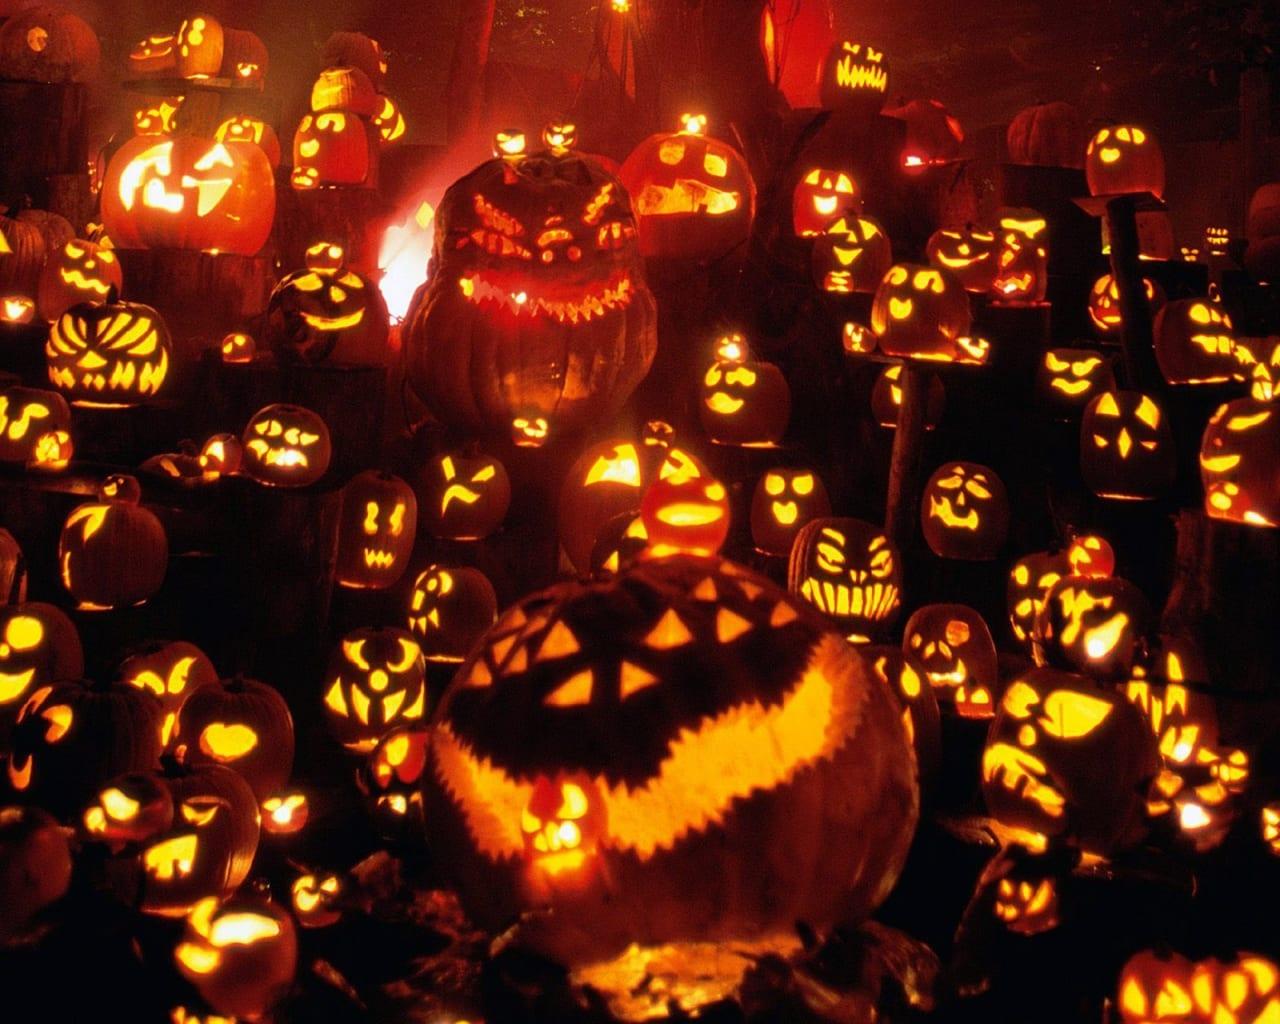 10 Fondos De Pantalla Para Pc Y Mac De Halloween - Imagenes-terrorificas-de-halloween